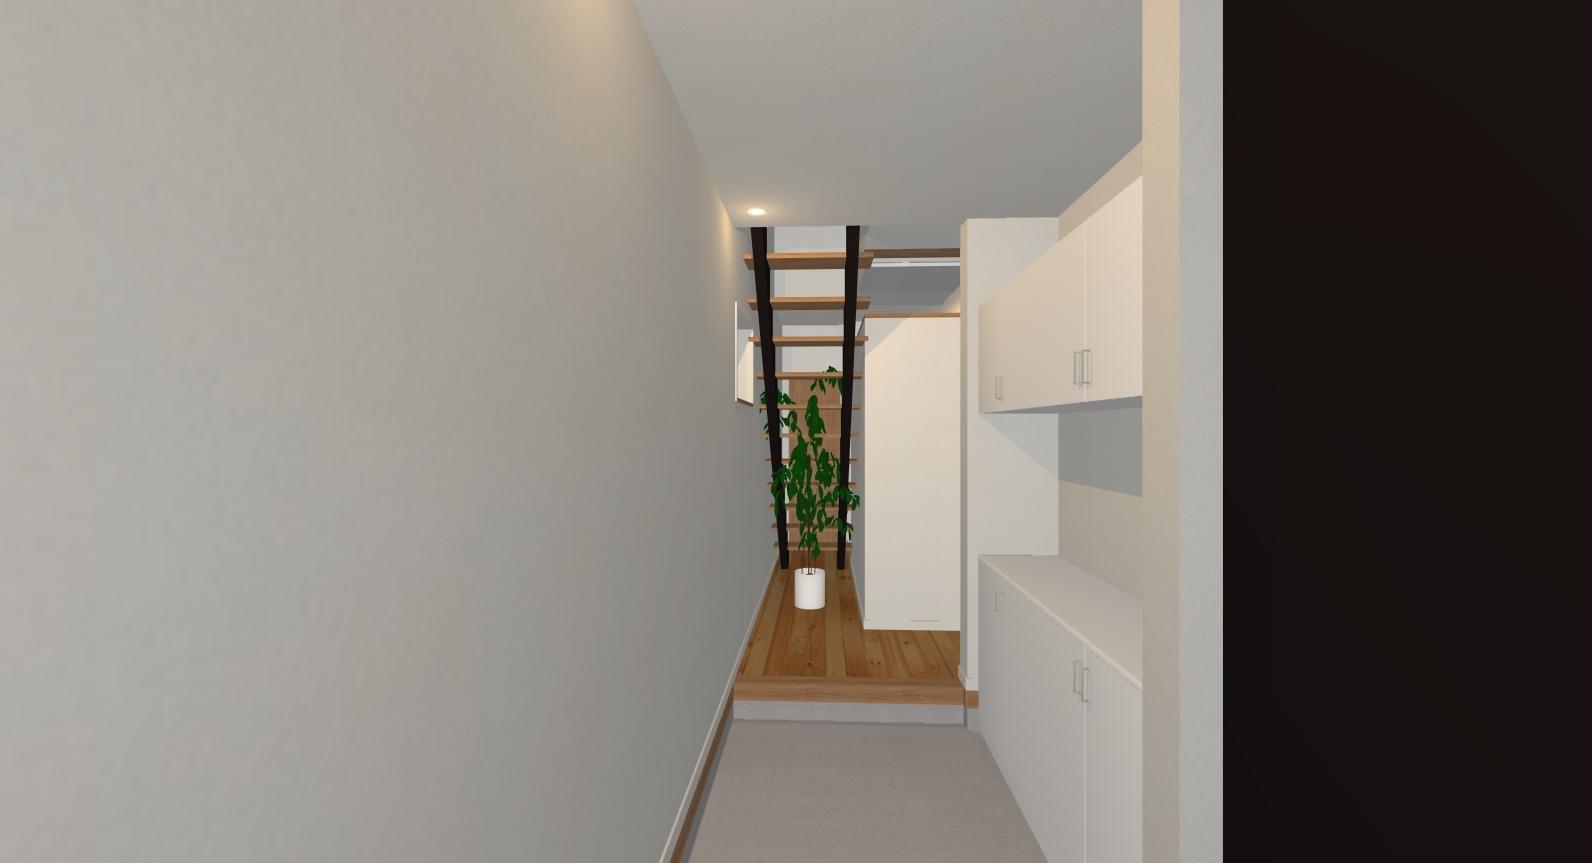 万能倉ガーデン2-1|玄関から続く階段が空間を広く見せています